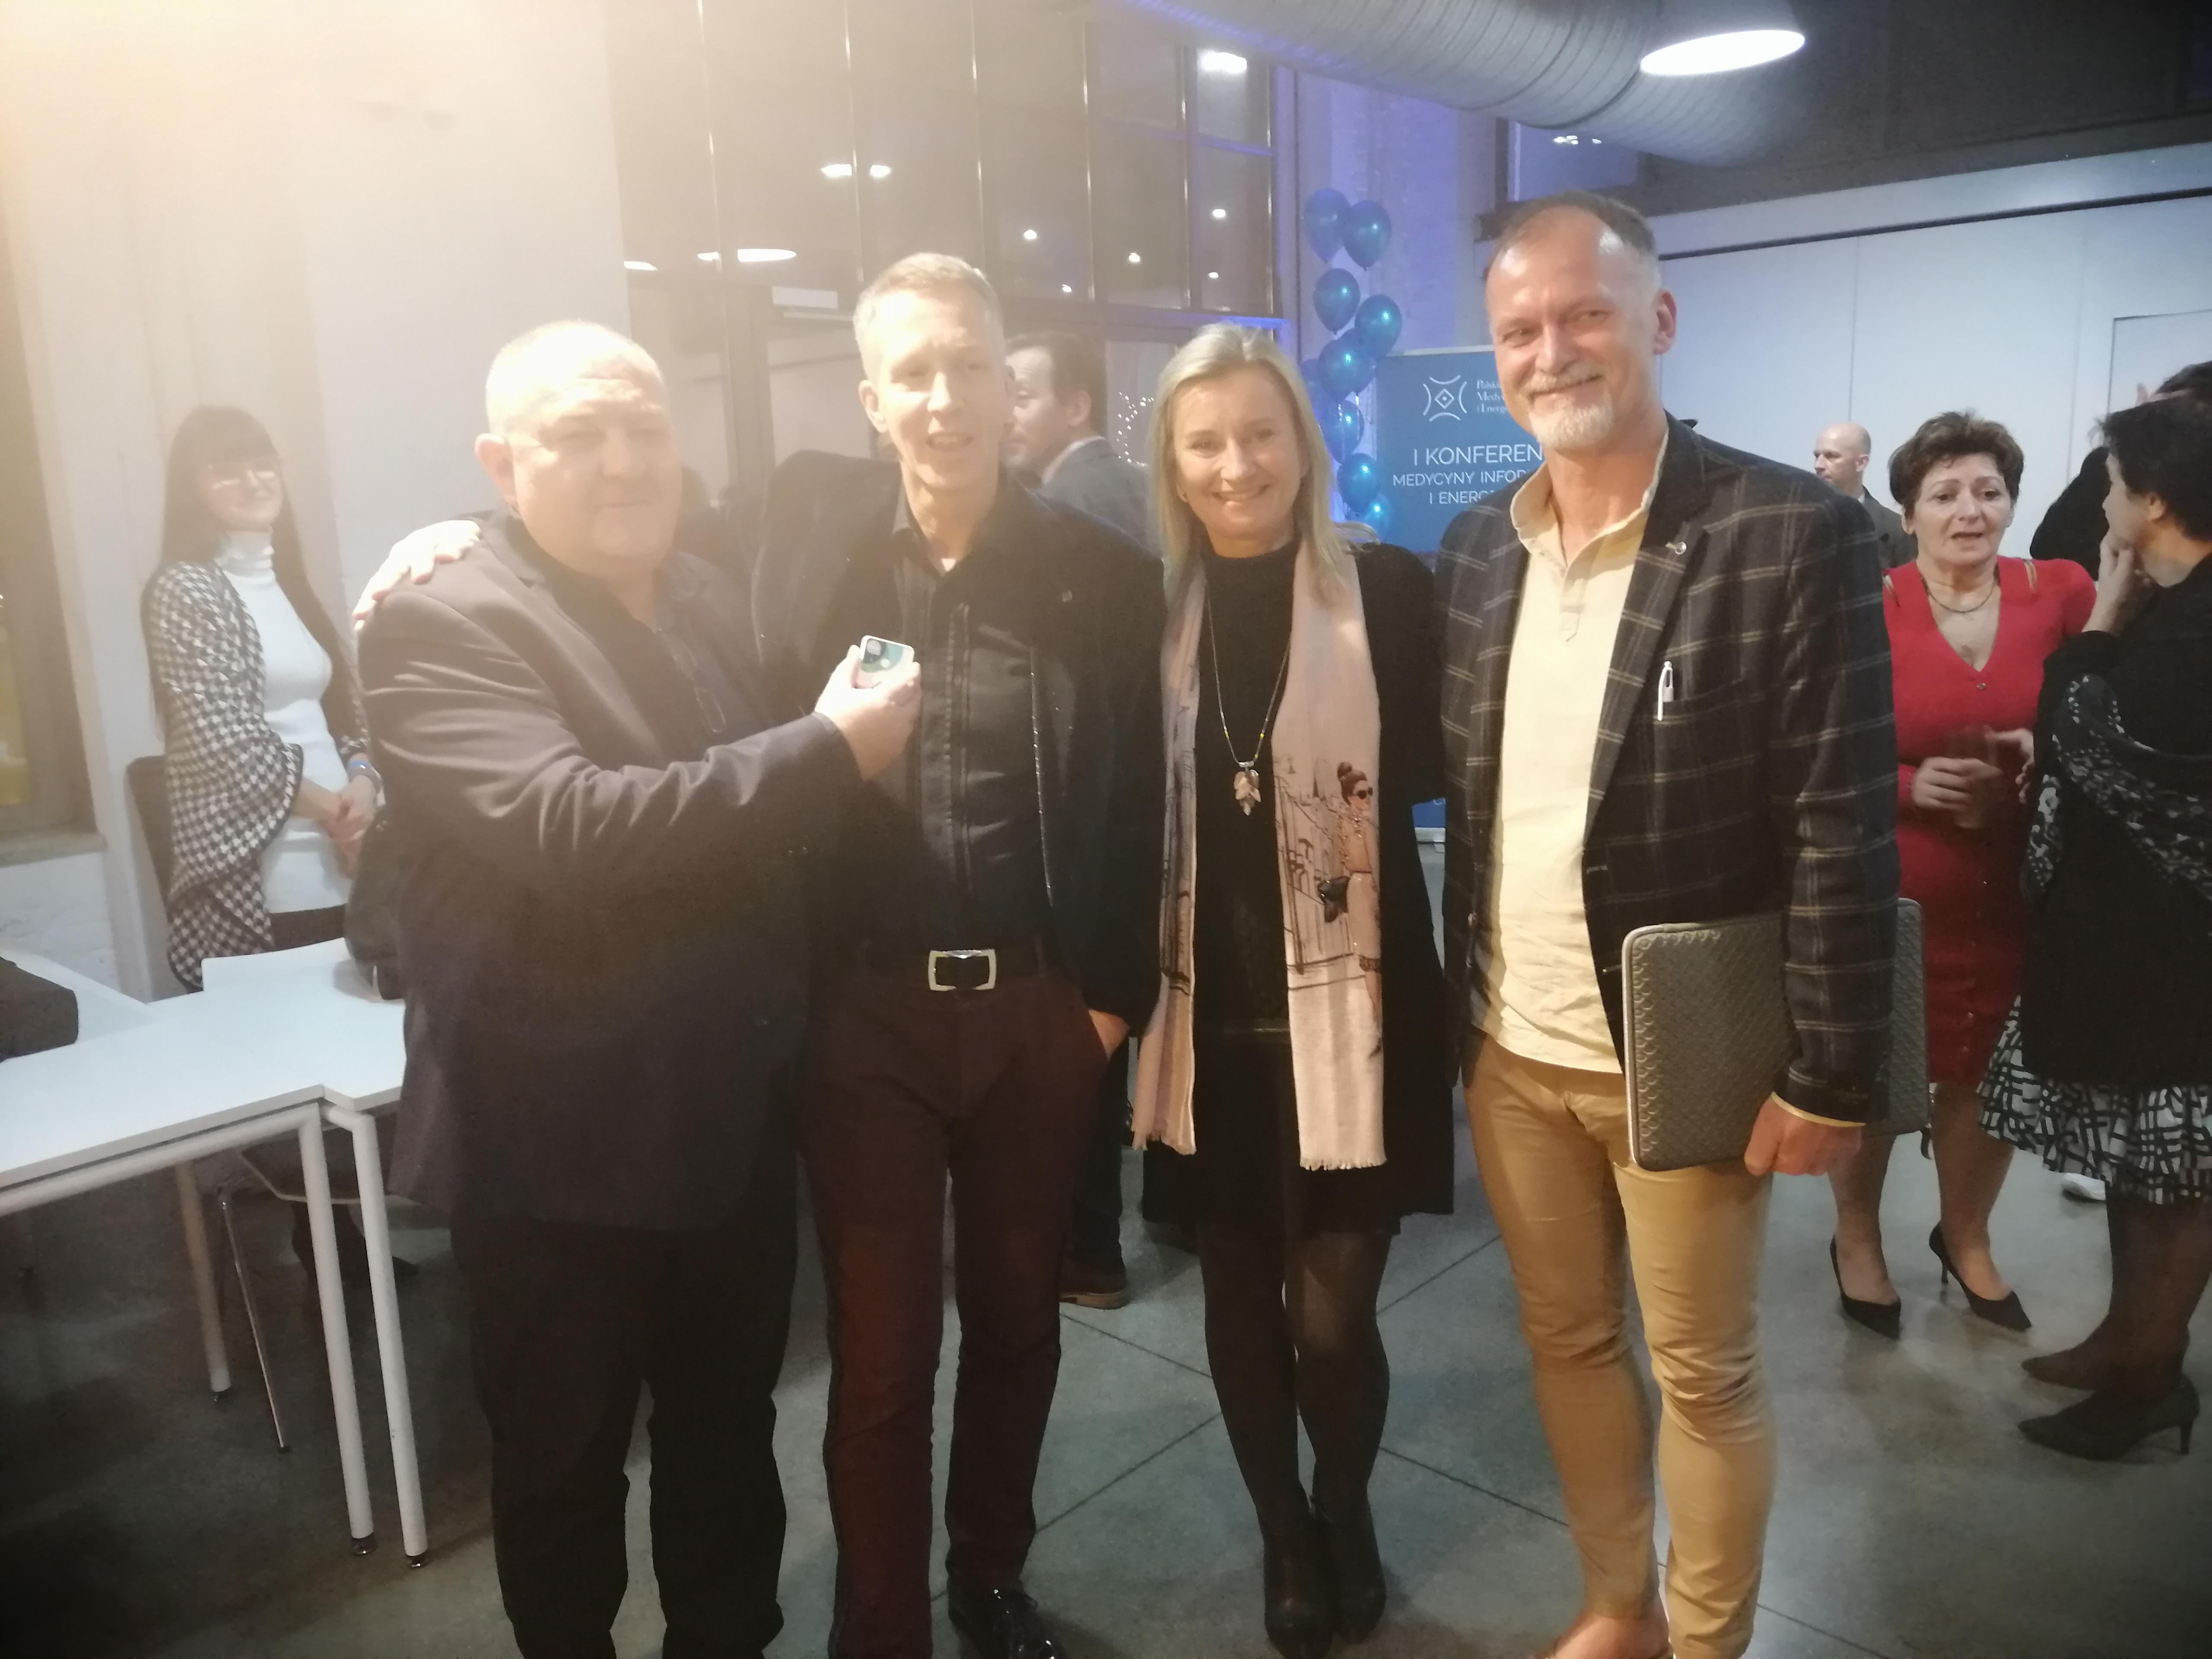 Healy i Markus Szmike ,Piotr Wysocki